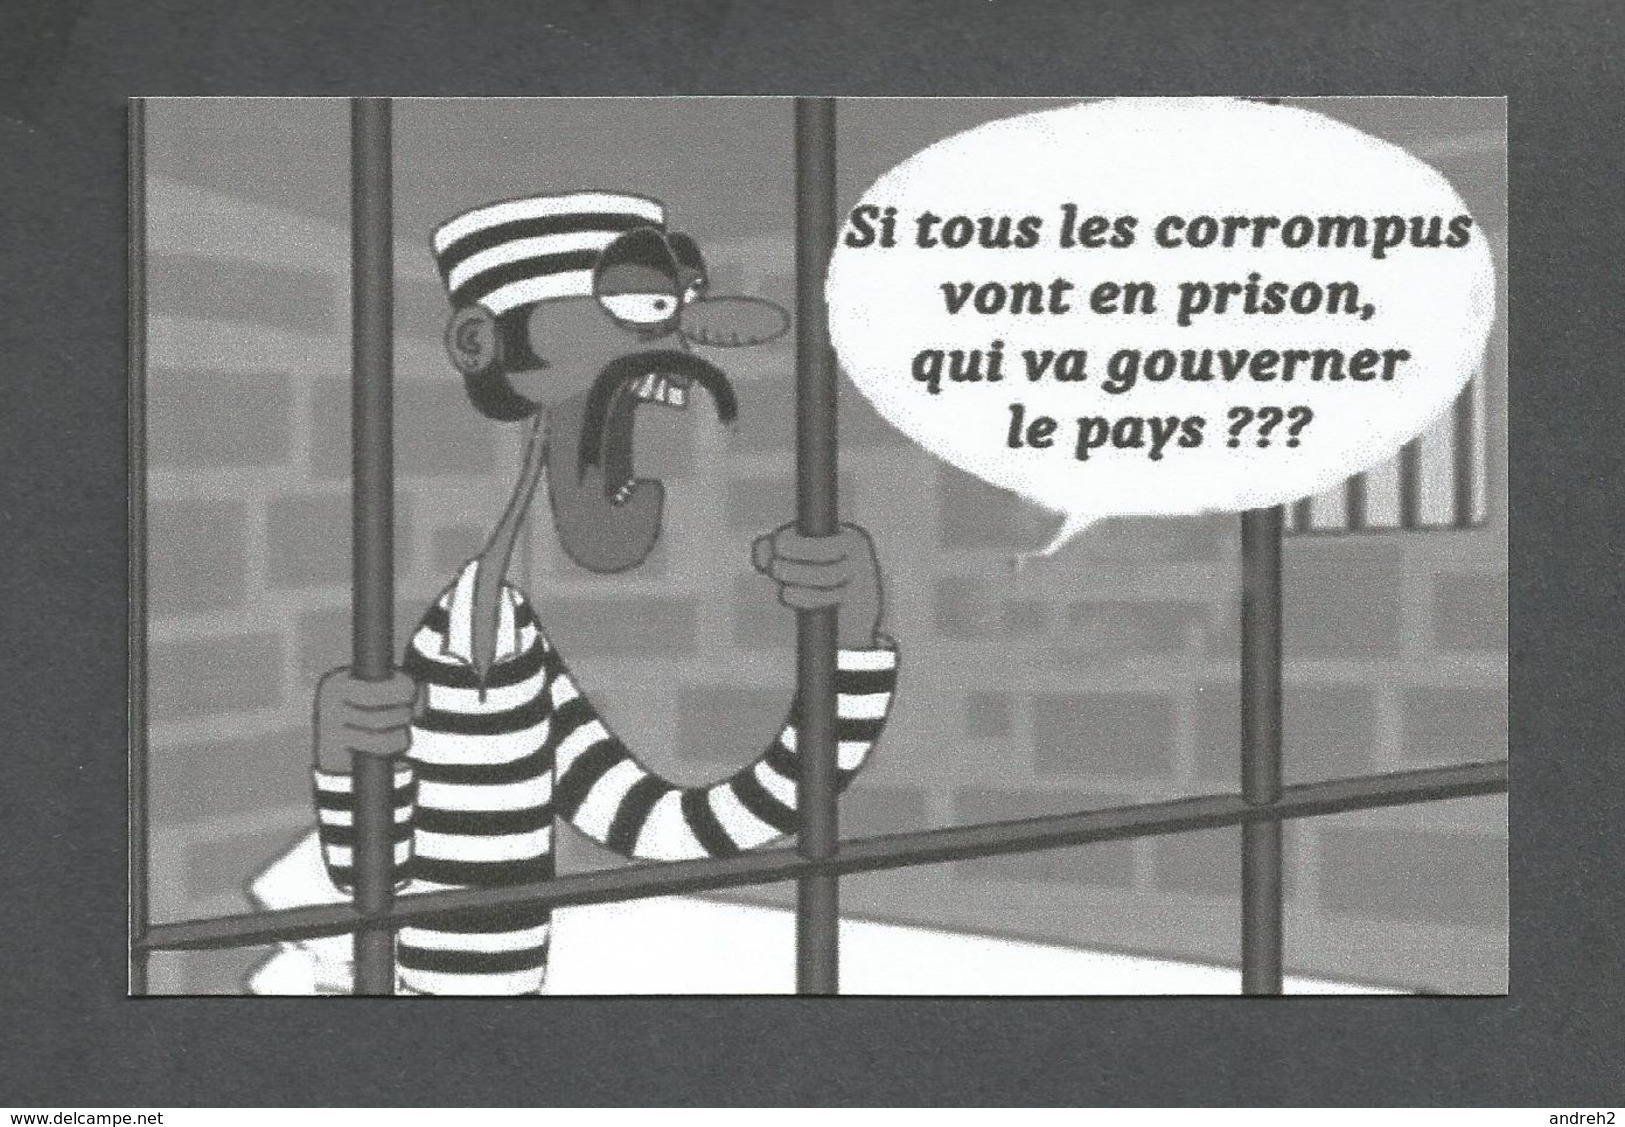 HUMOUR - SI TOUS LES CORROMPUS VONT EN PRISON QUI VA GOUVERNER LE PAYS ??? - Humour